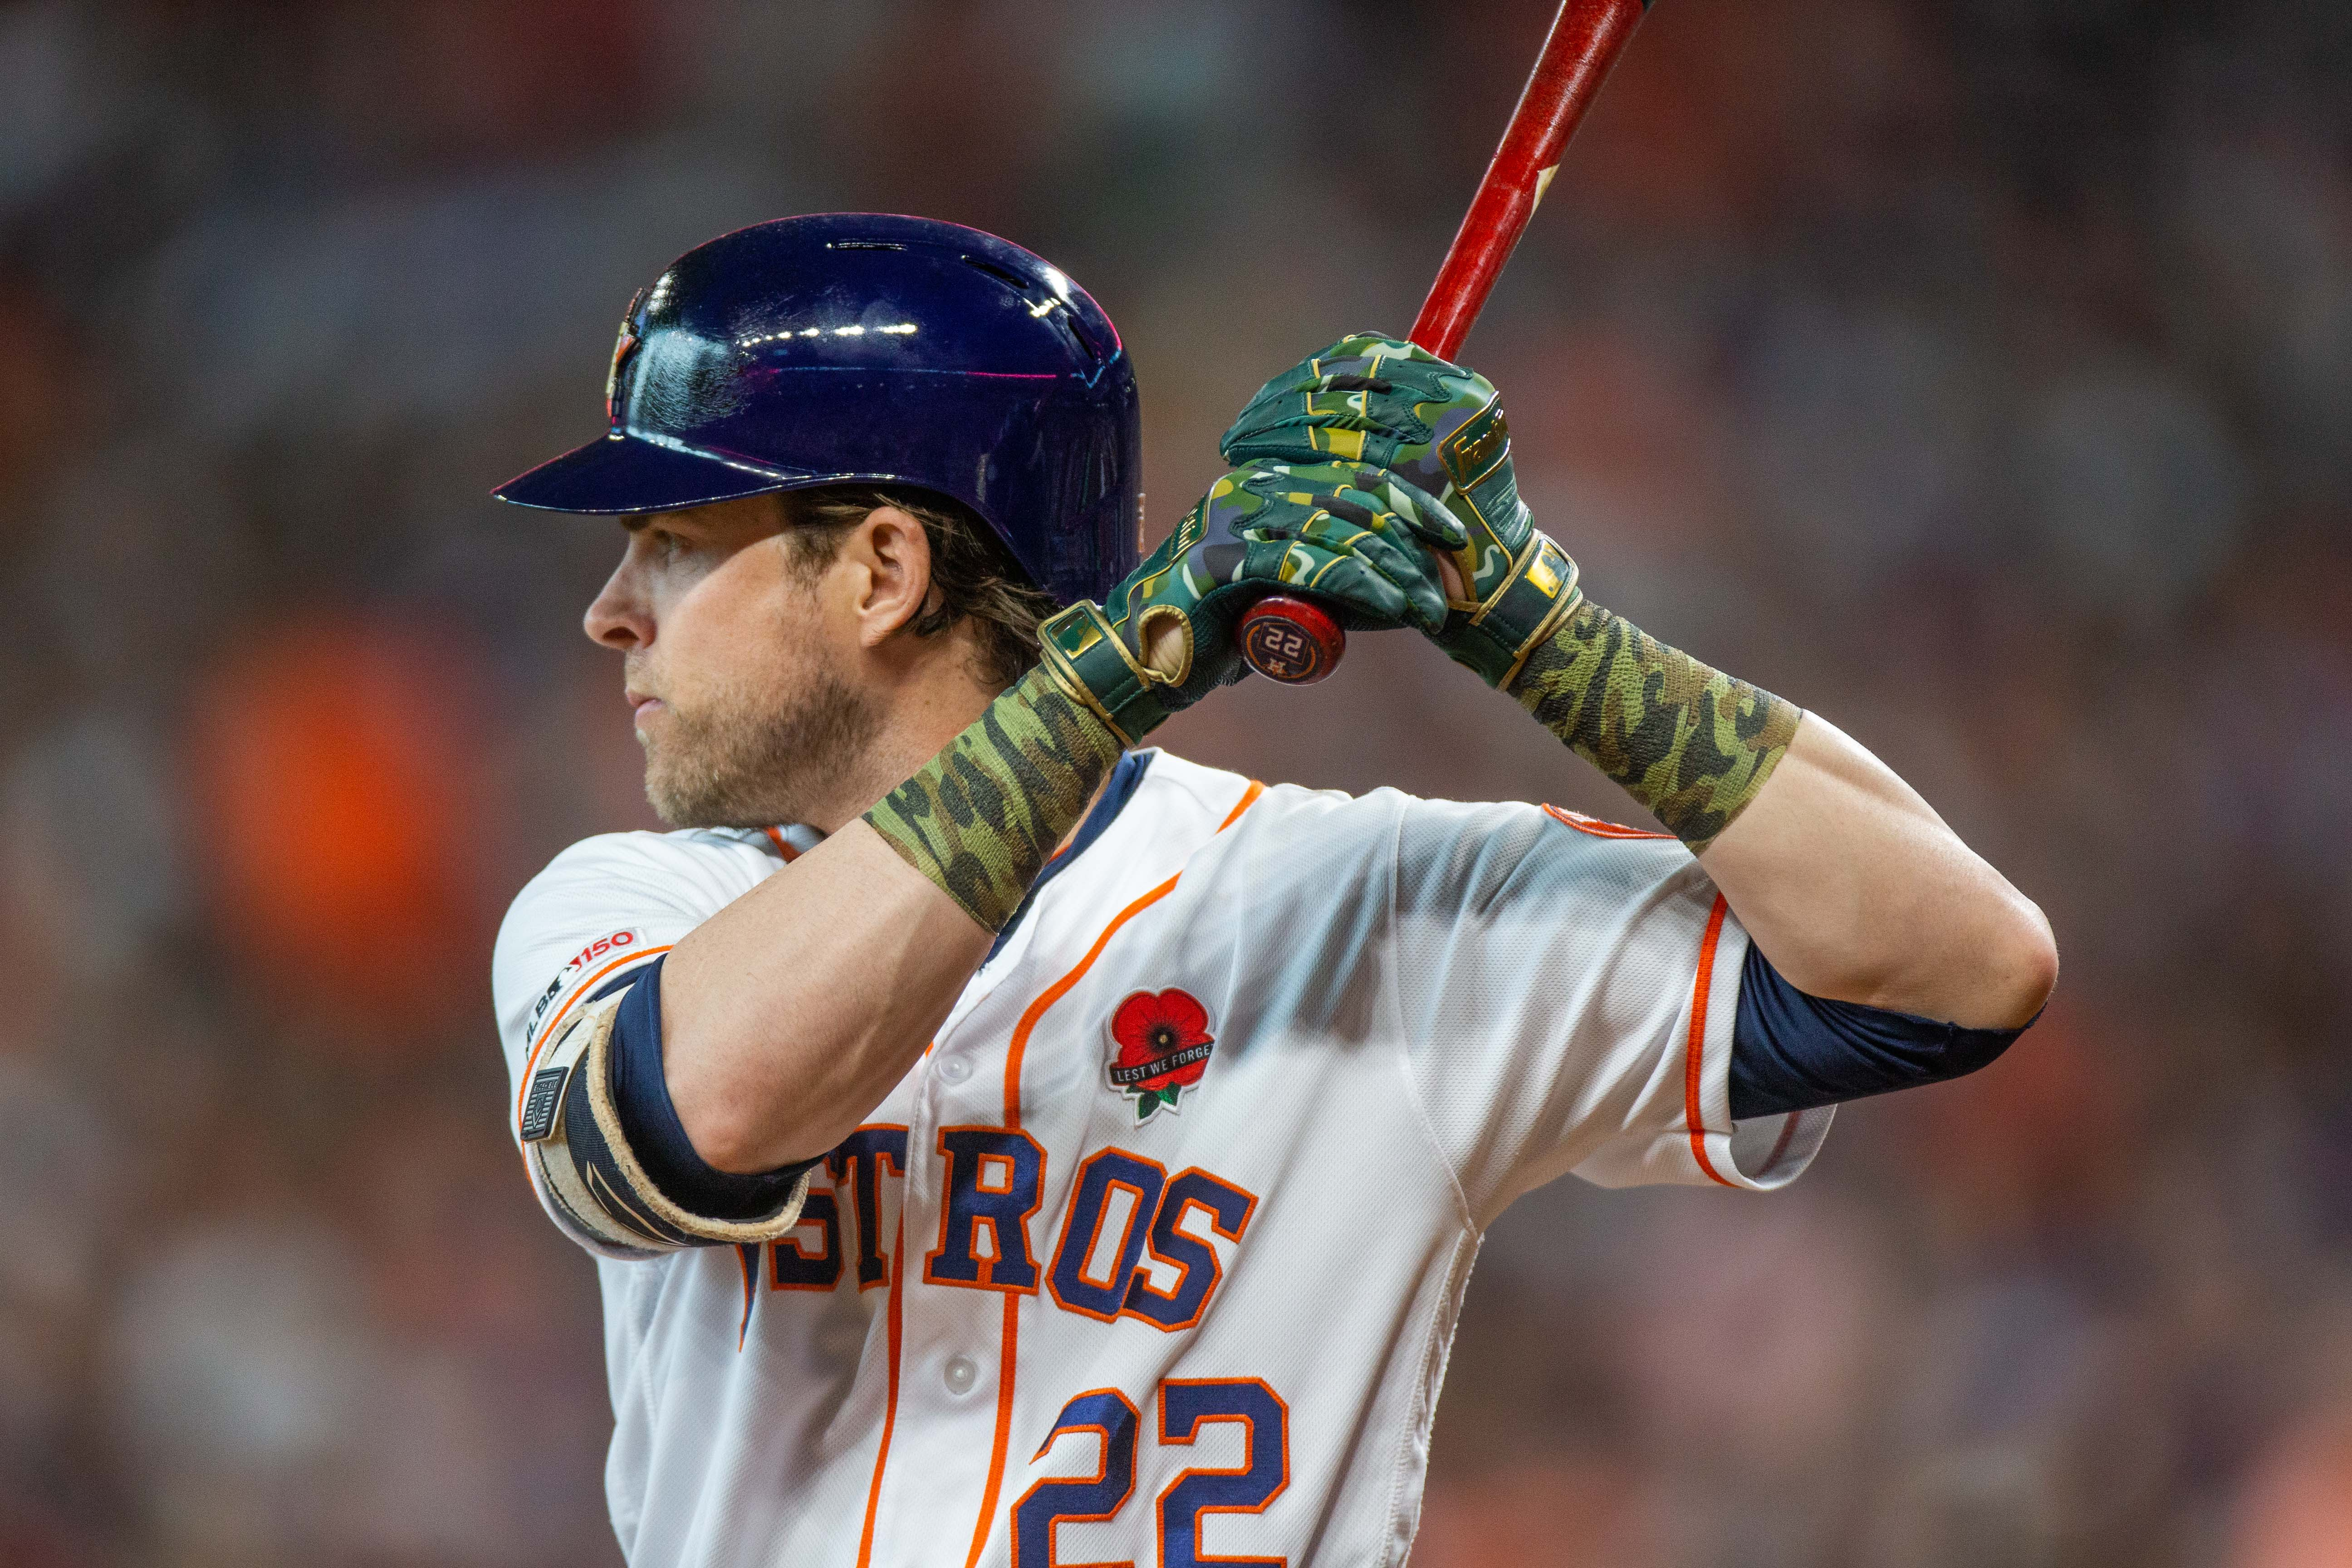 MLB: MAY 27 Cubs at Astros